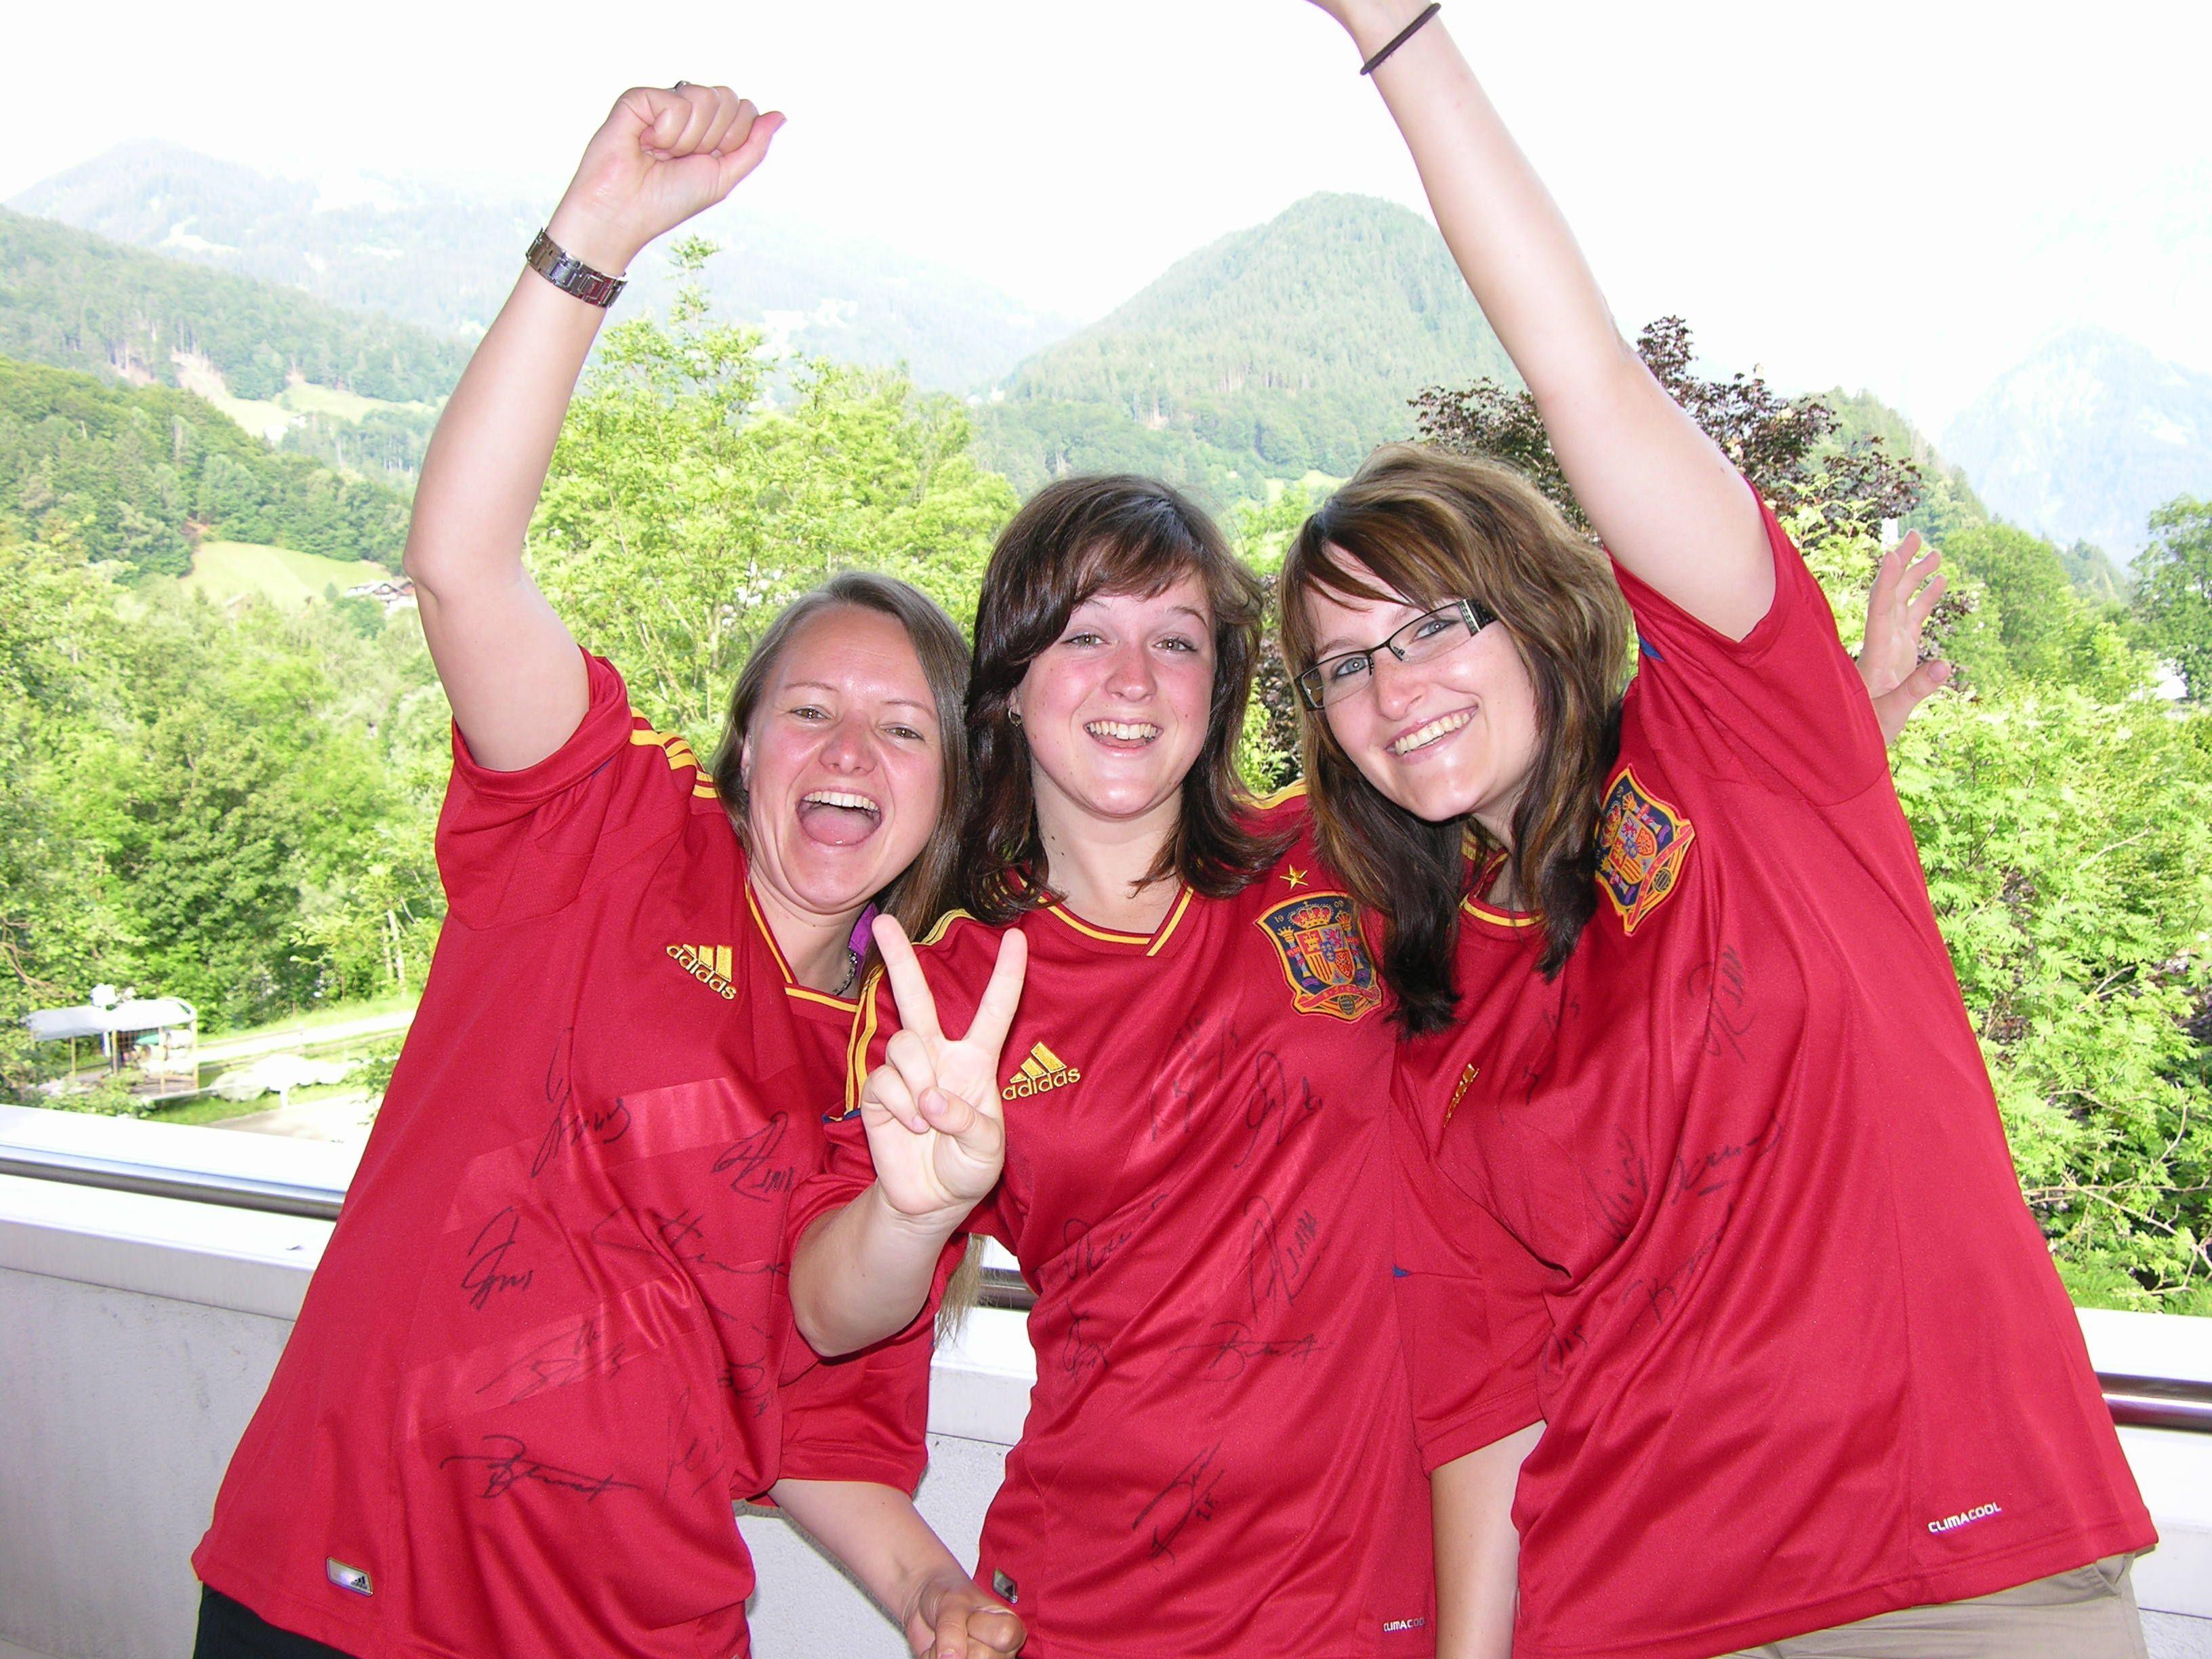 Mach mit und gewinne dein signiertes Spanien-Dress!